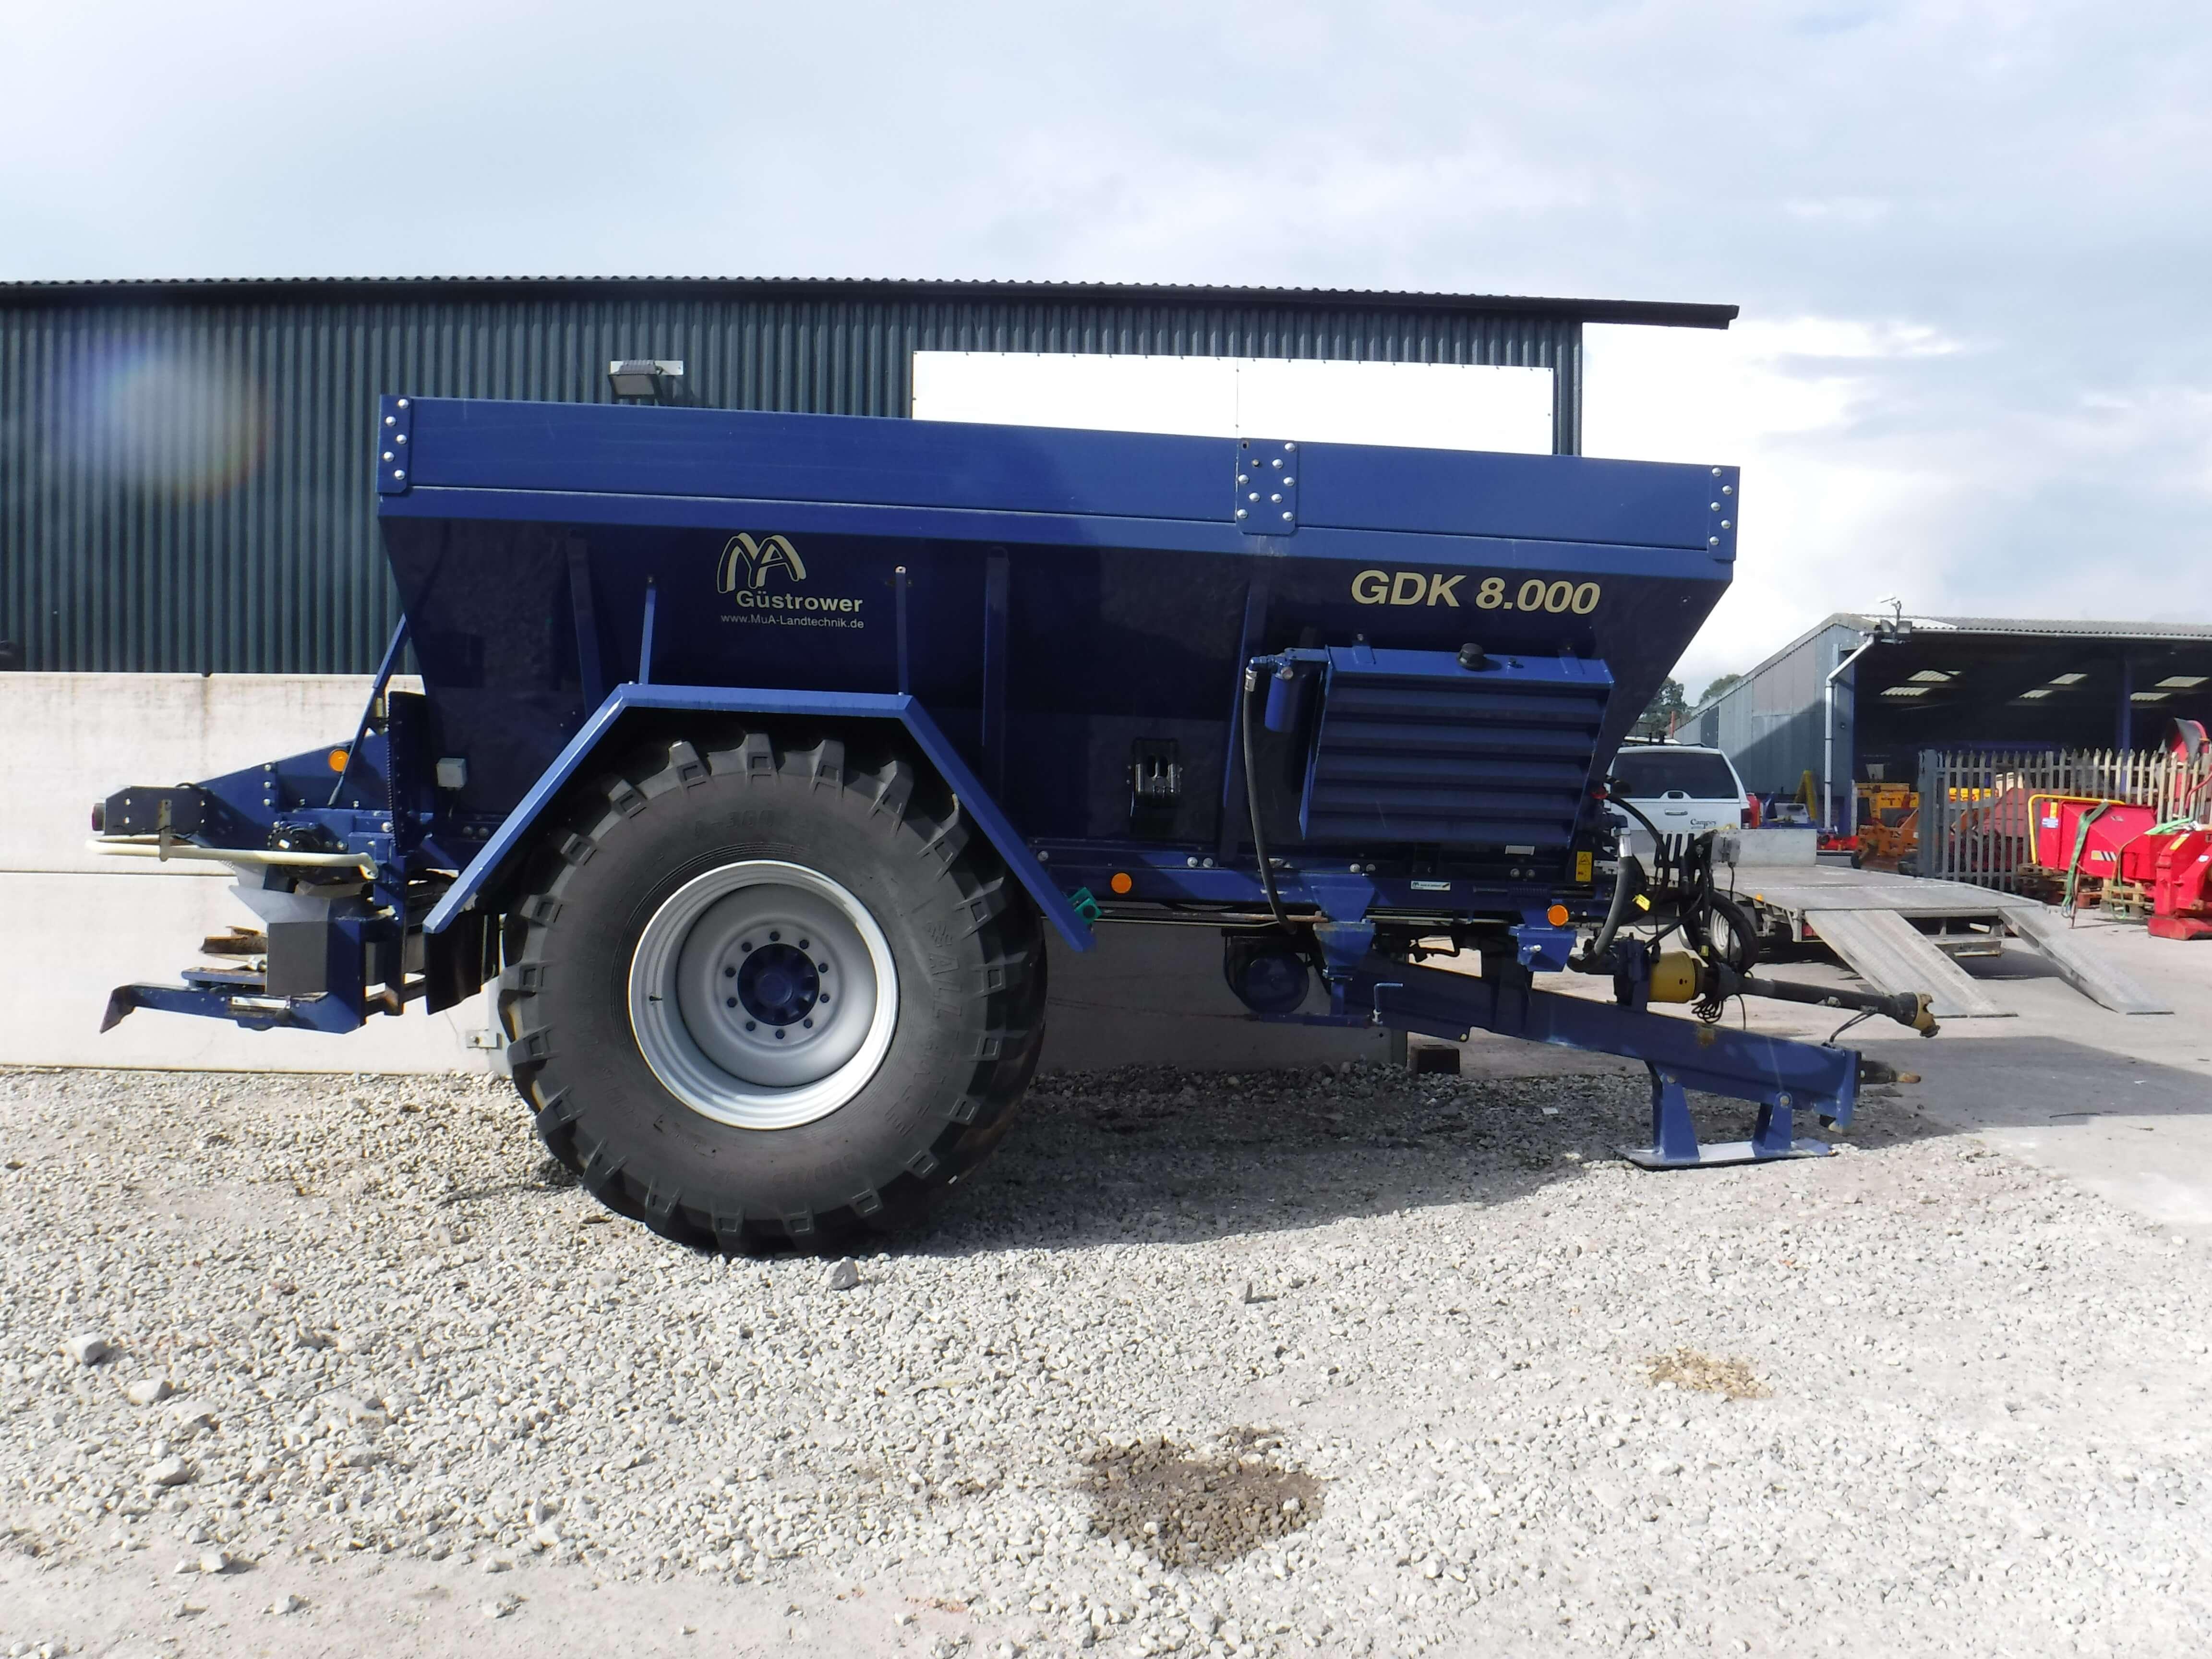 GDK 8.000 Gustrower Spreader